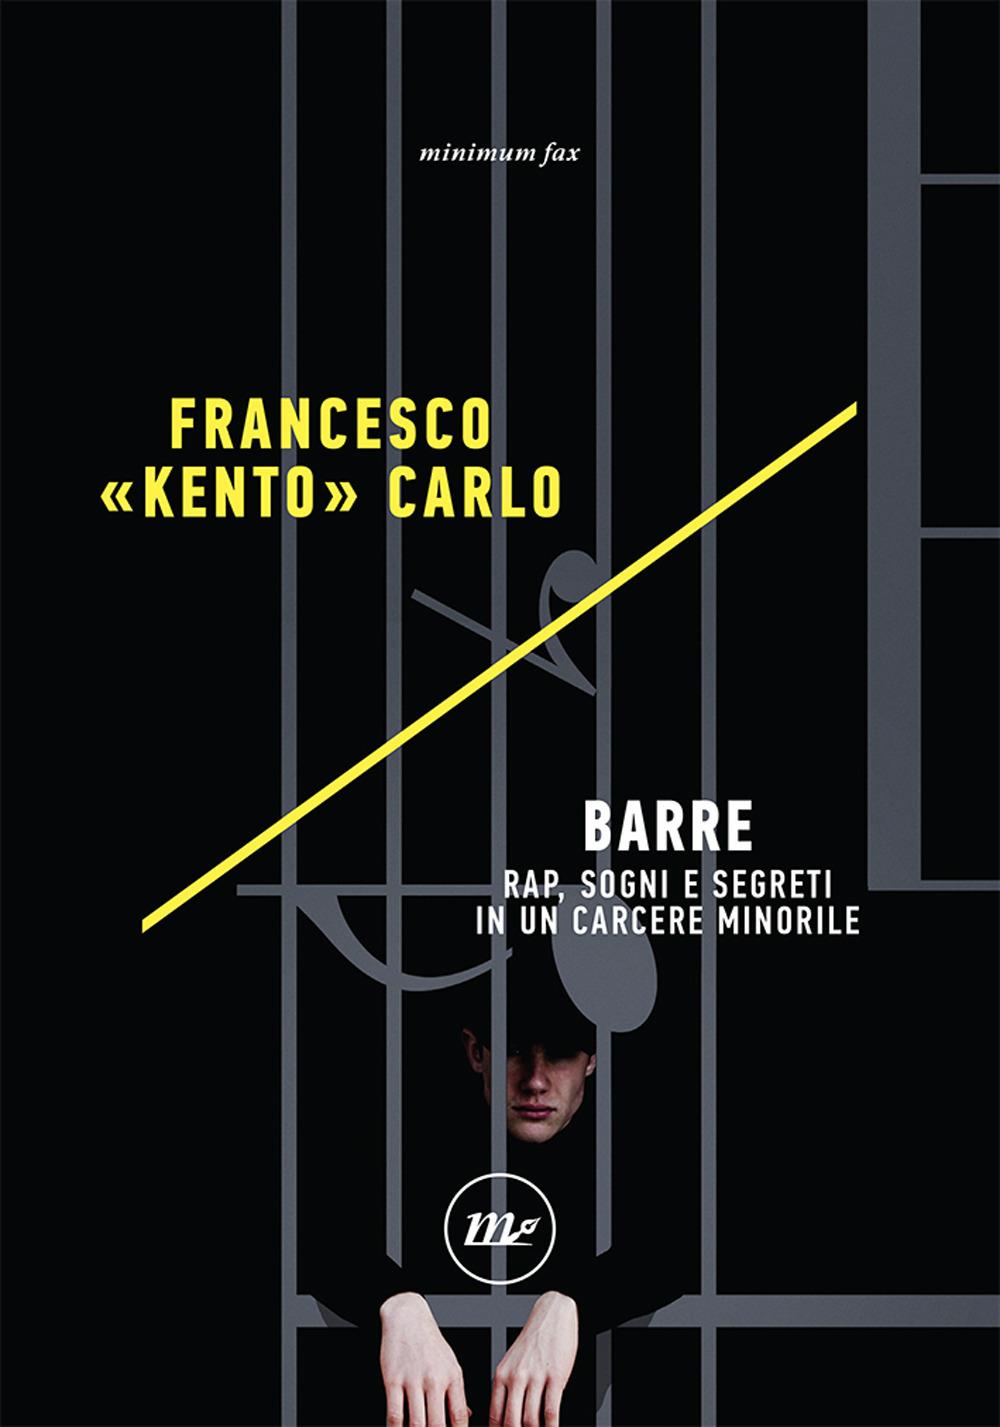 Carlo Francesco «Kento» Barre